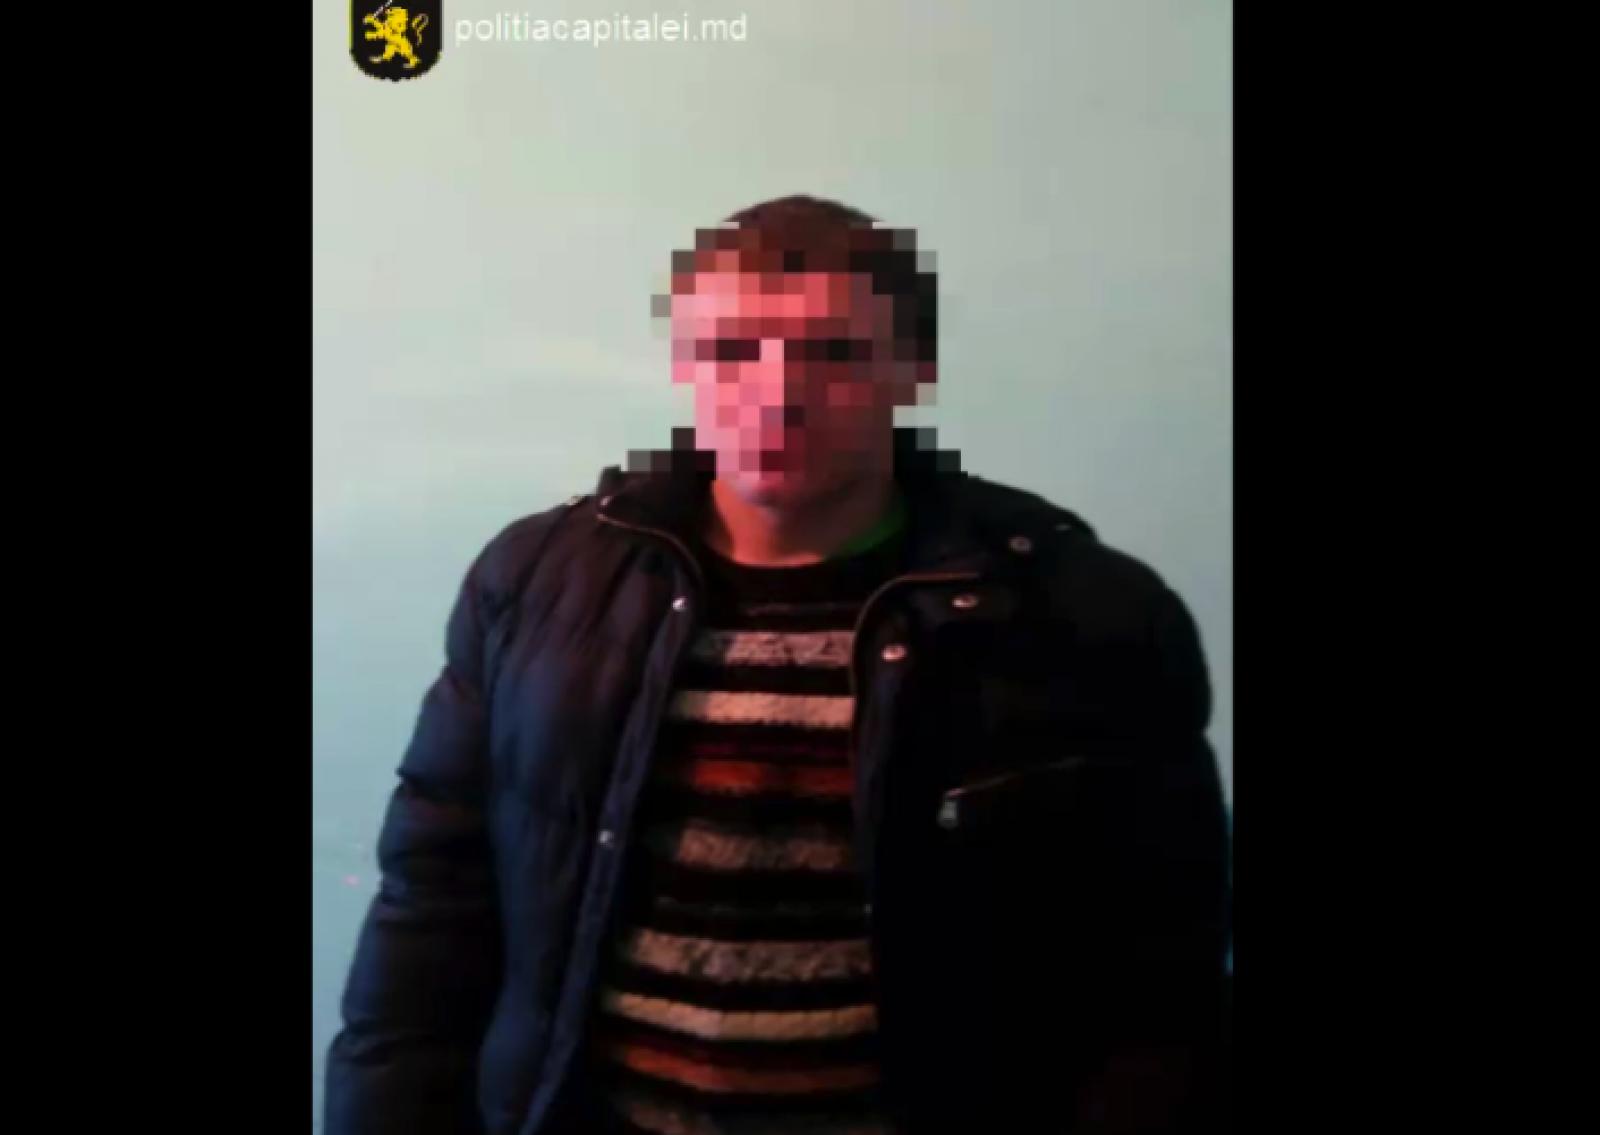 Reținut la scurt timp: Individul care a dat alerta cu bombă la un parc de troleibuze din capitală, reținut